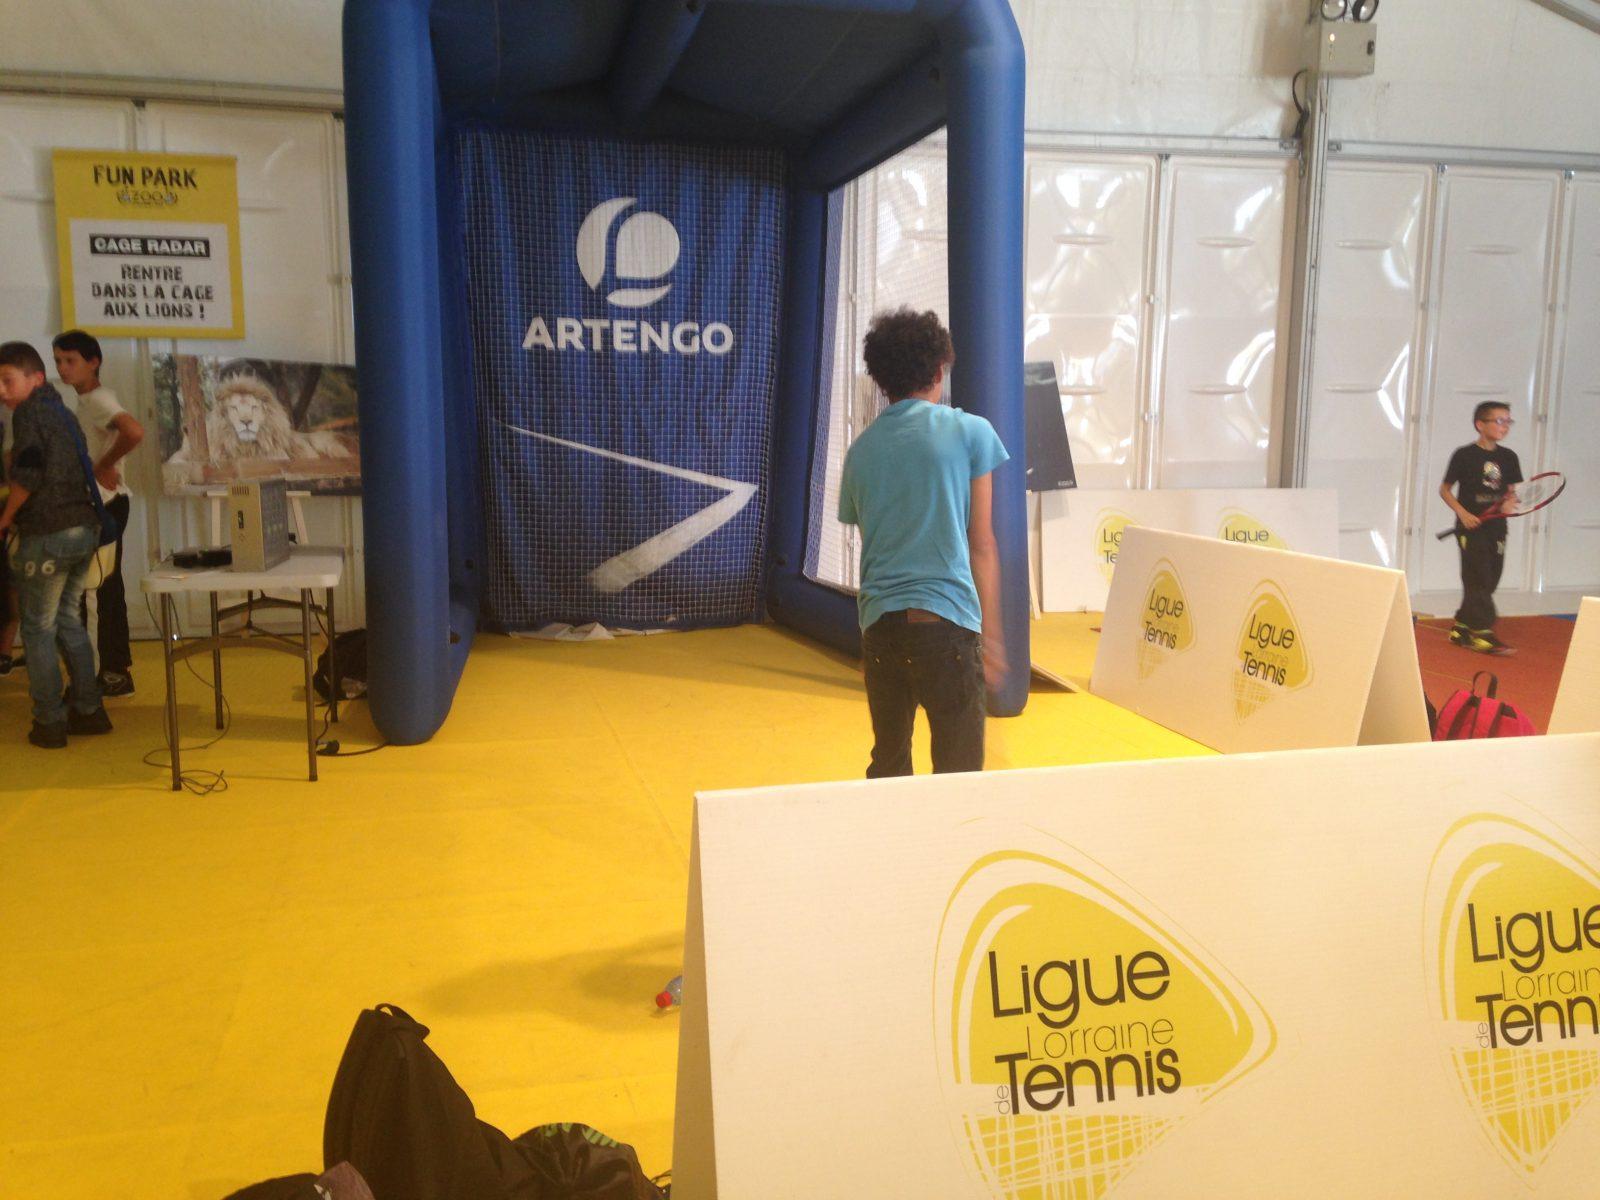 Le Fun Park de Moselle Open vu par les enfants : des rires et du sport